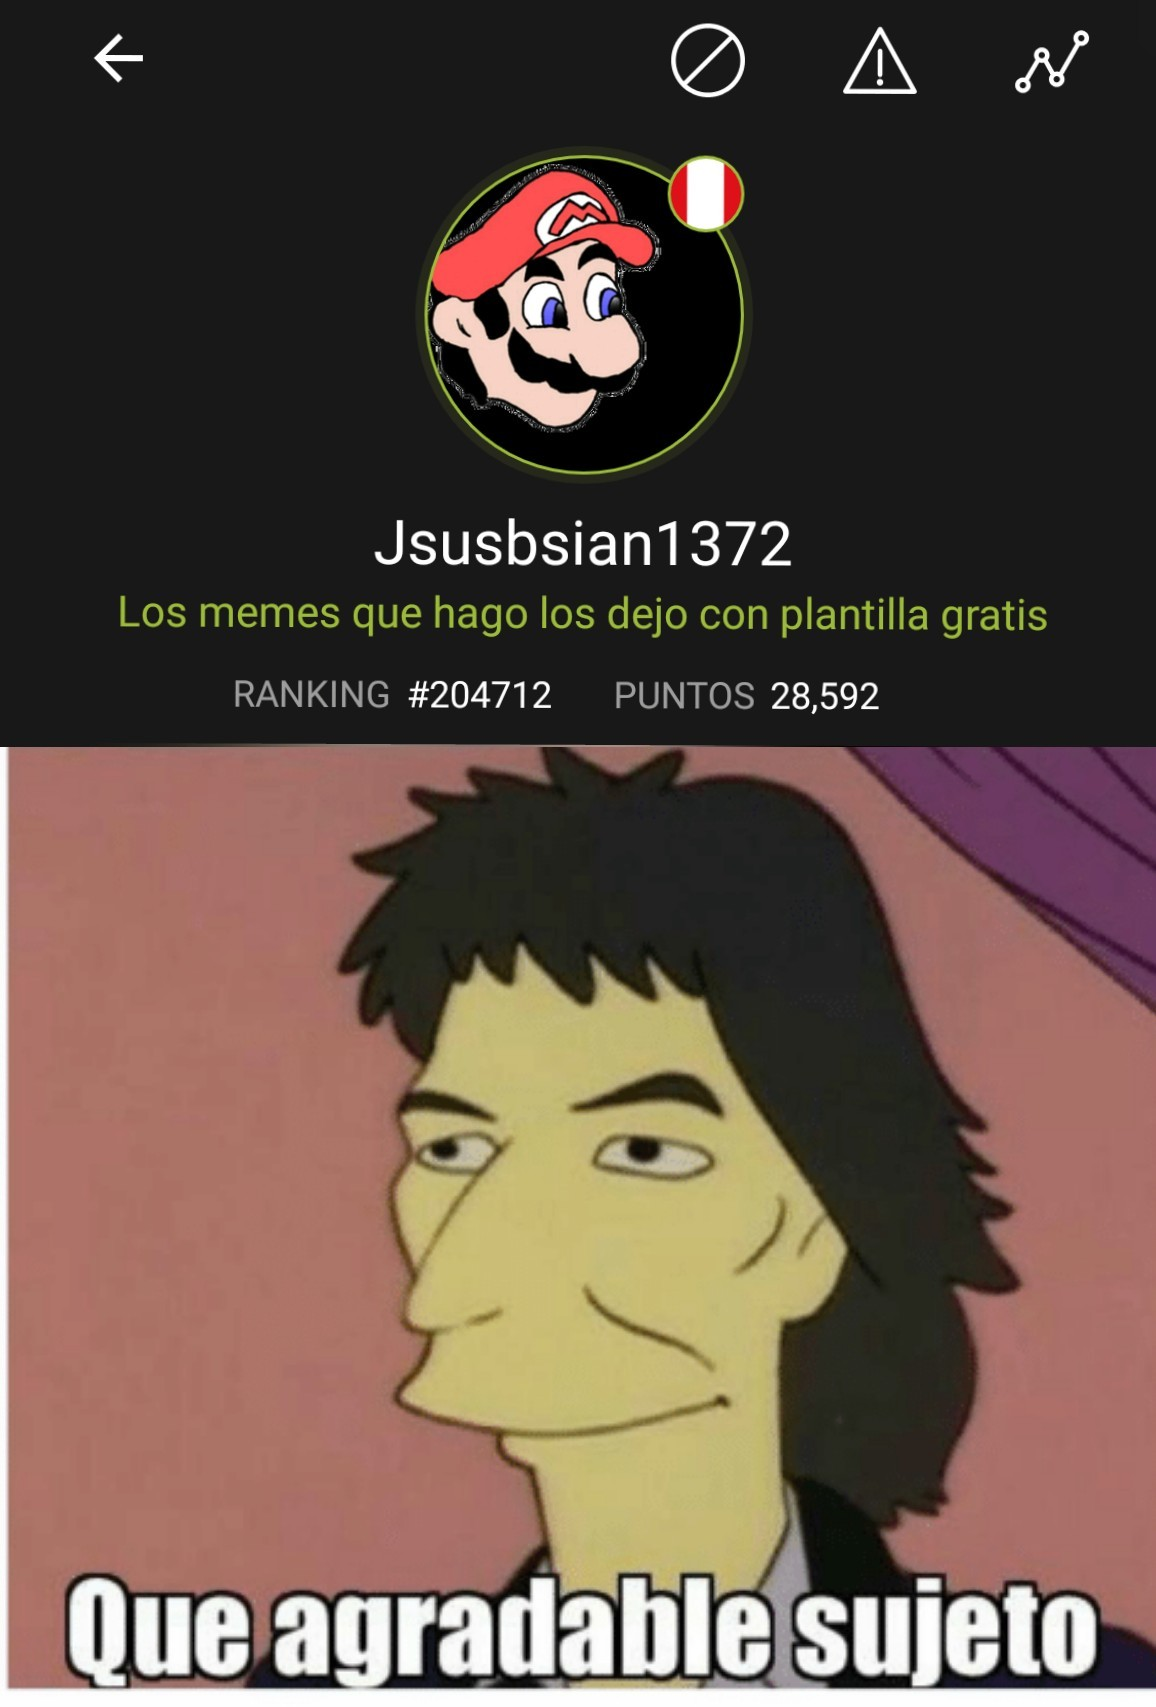 Meme Que Agradable Sujeto